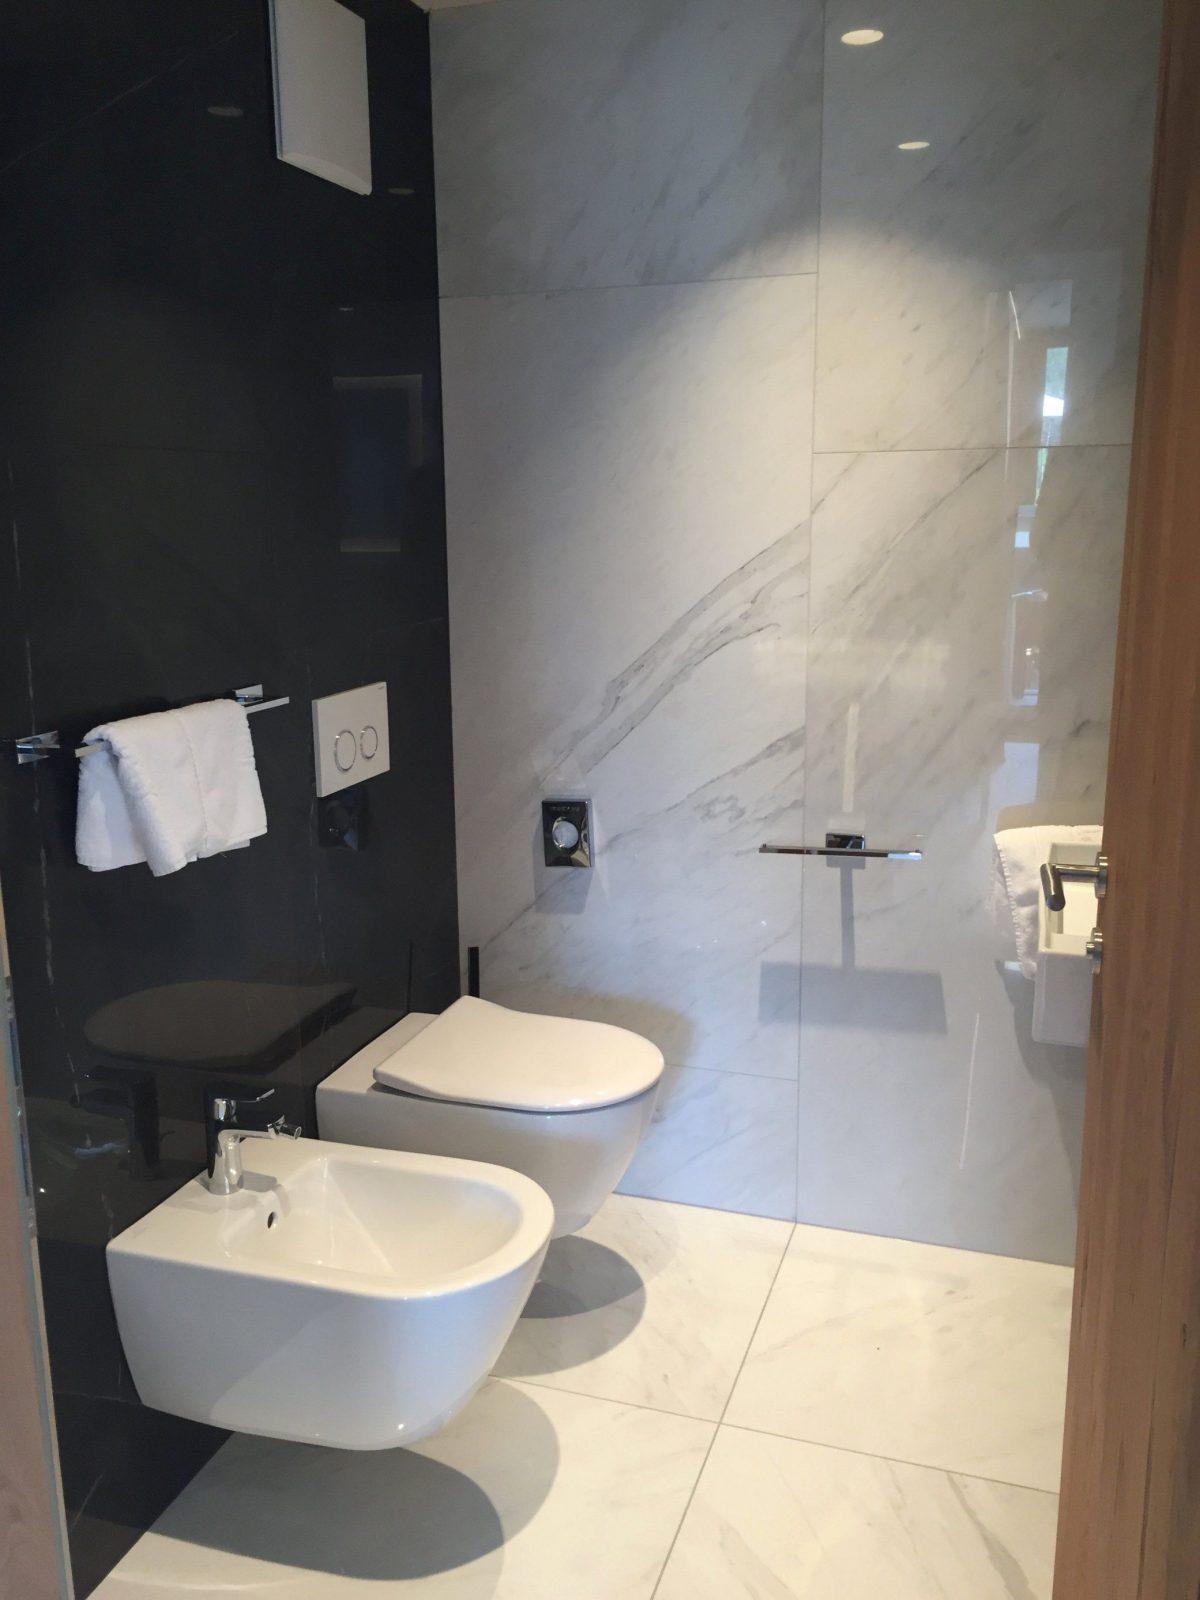 Badezimmer Ohne Fliesen Gestalten Luxus Badezimmer Modern Gestalten von Gste Wc Gestalten Ohne